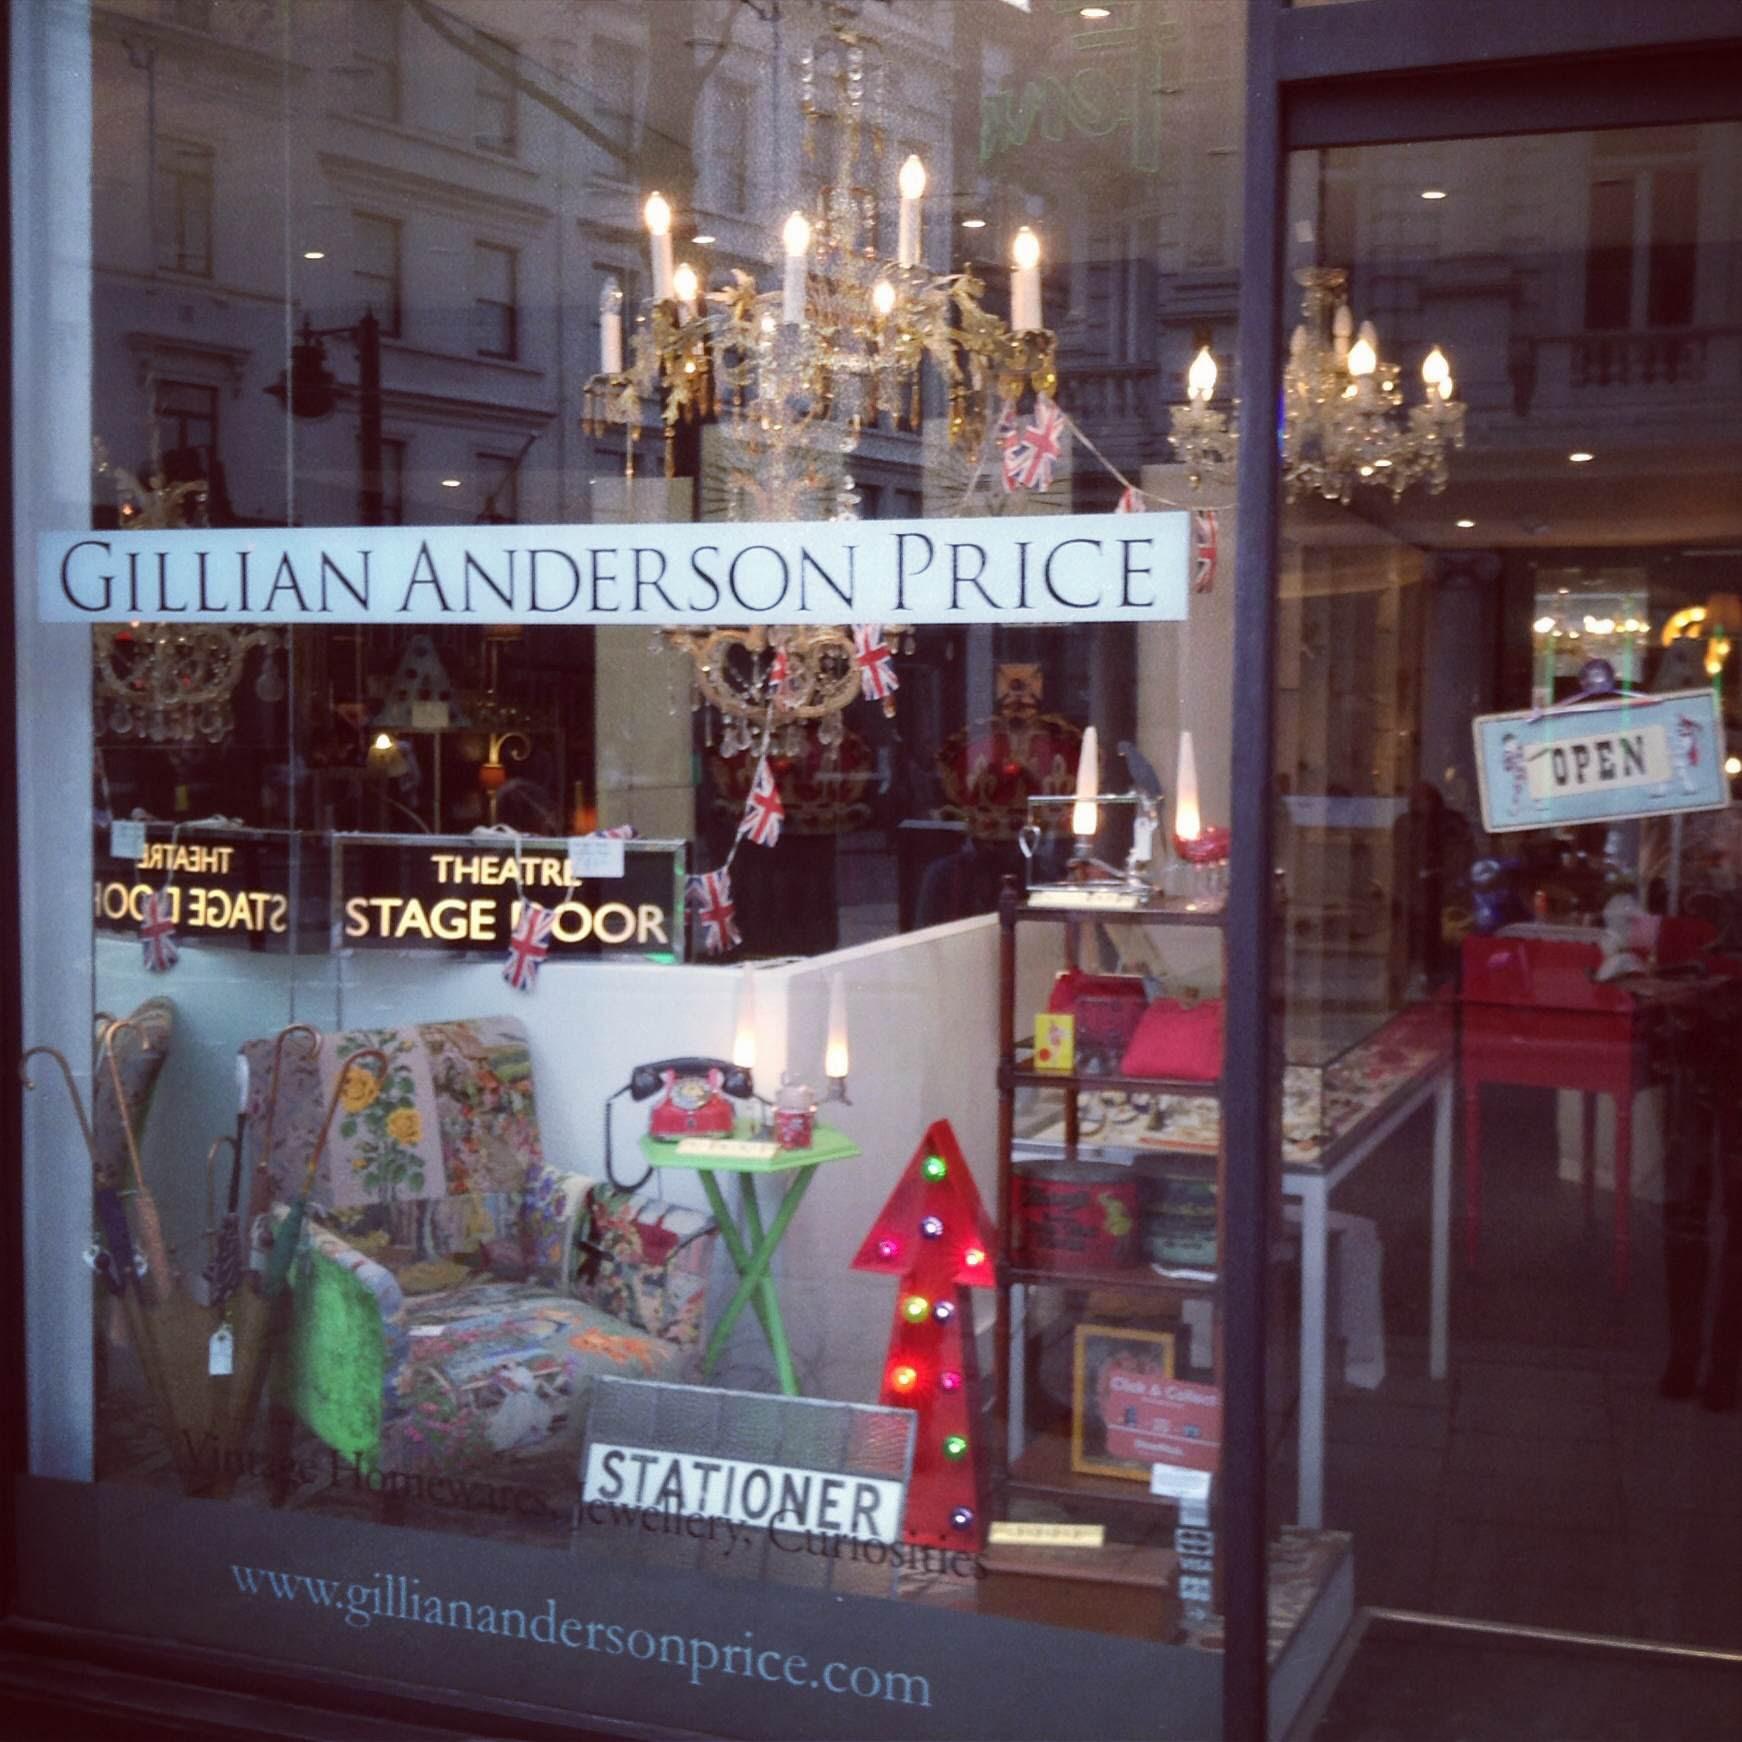 Gillian Anderson Price